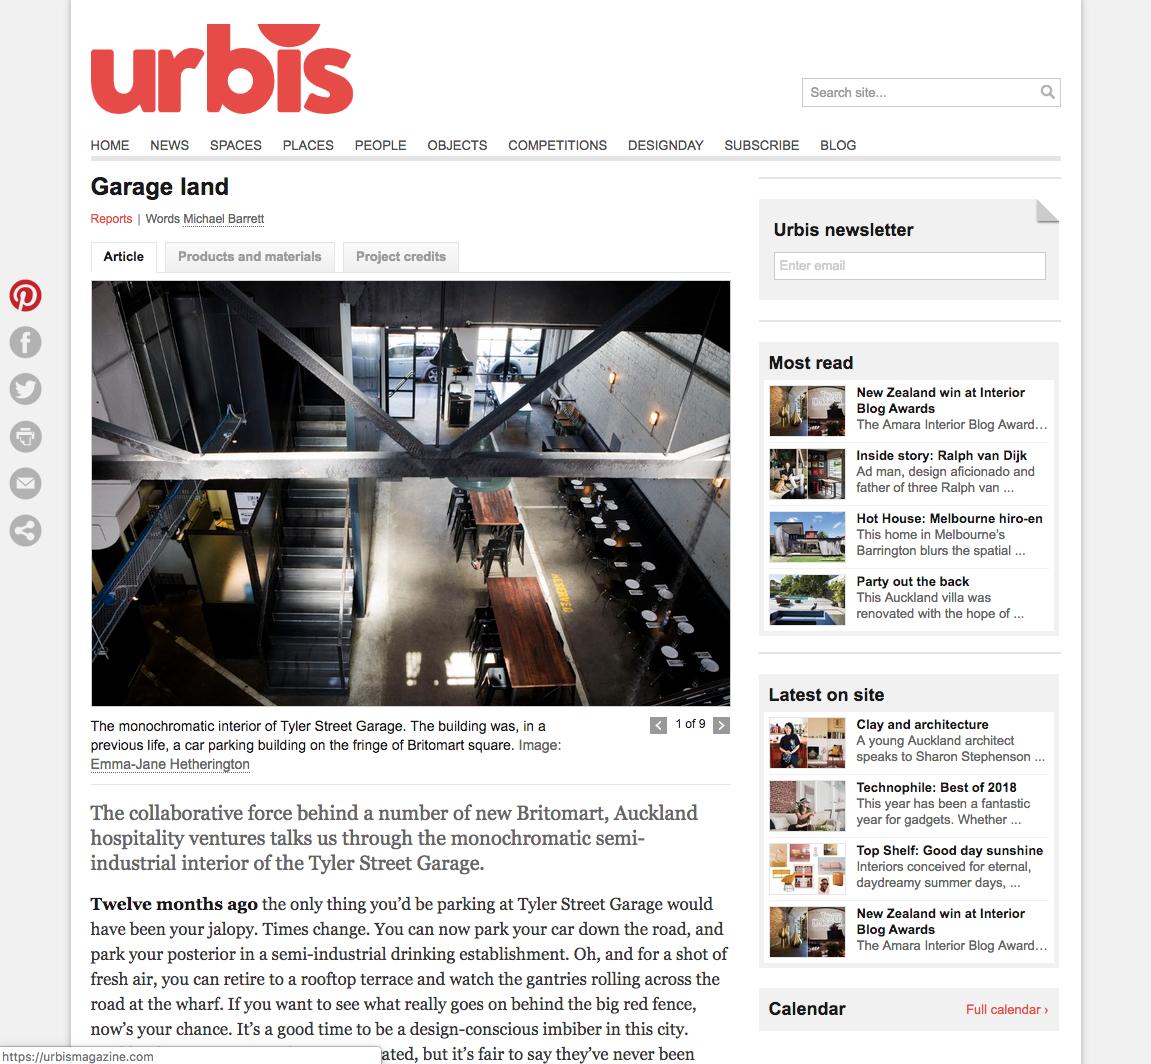 Urbis - Garage land